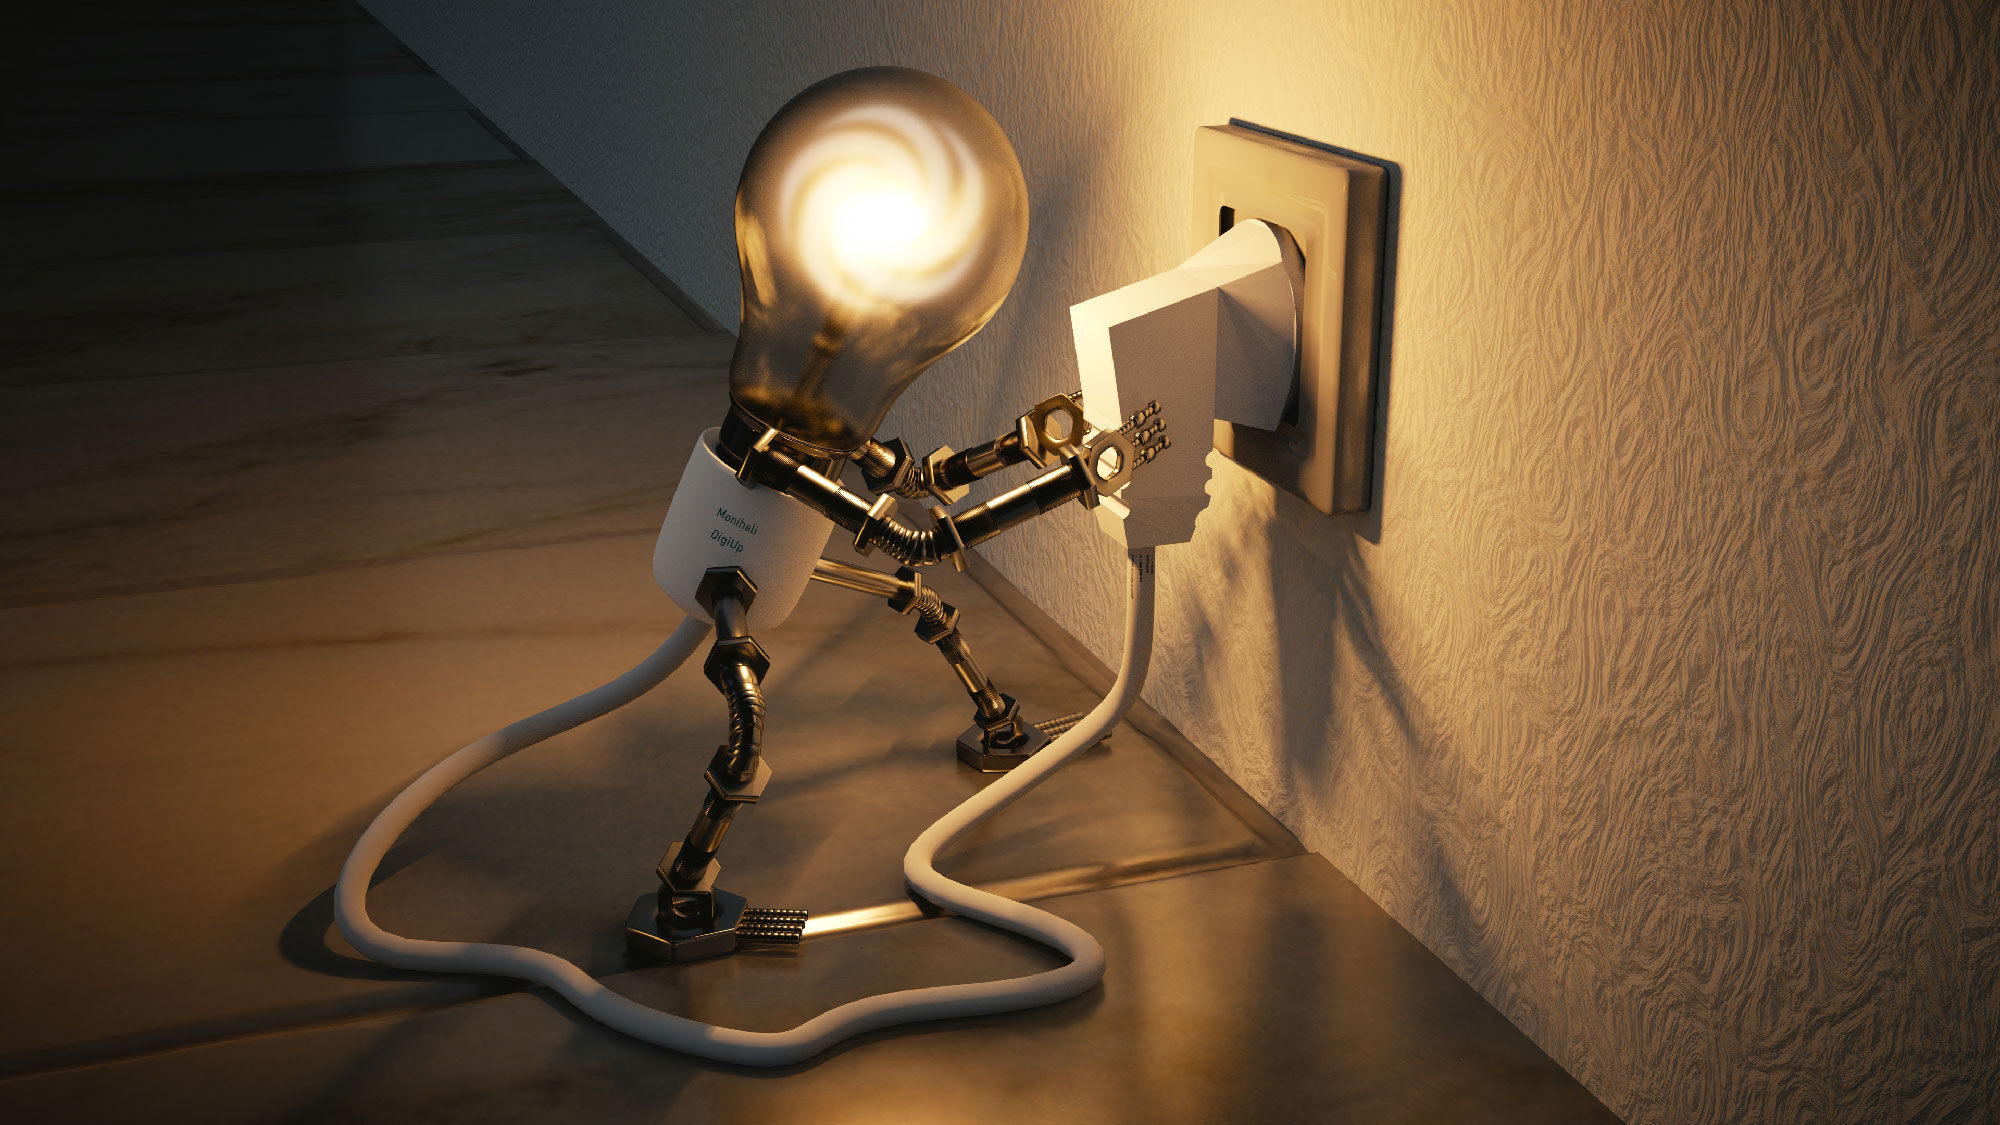 Piirretty lamppu, joka laittaa johtoa seinään.